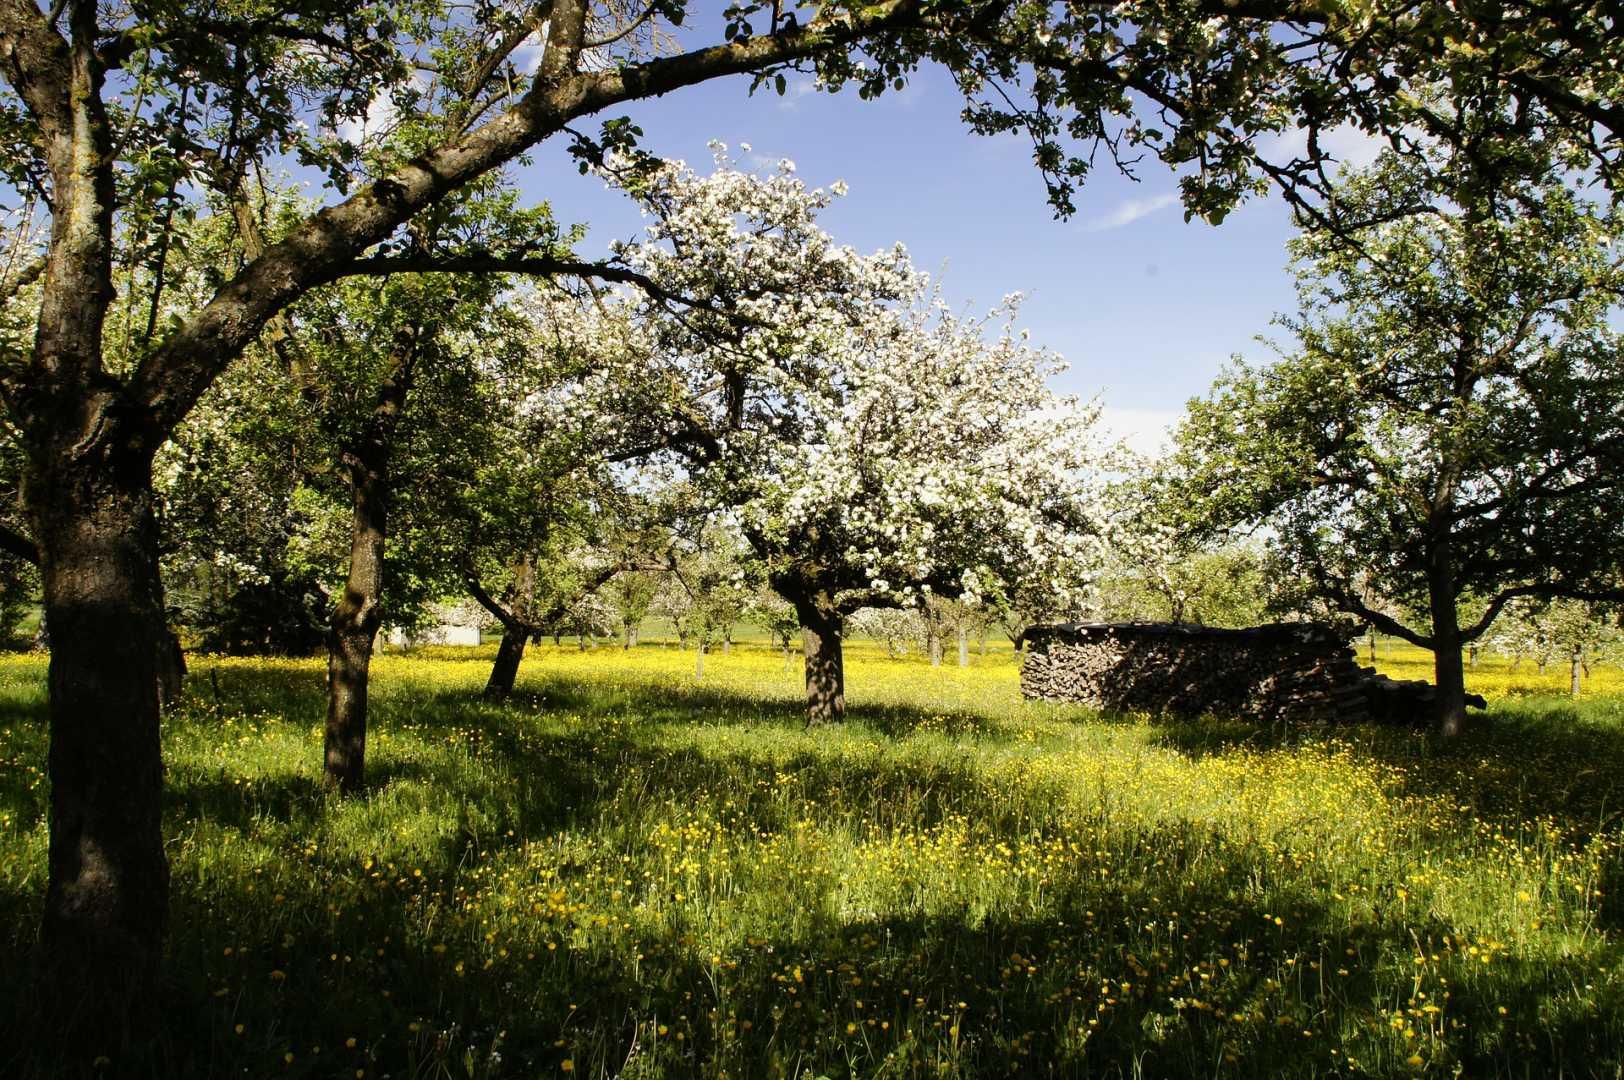 Streoobstwiese mit blühenden Apfelbäumen